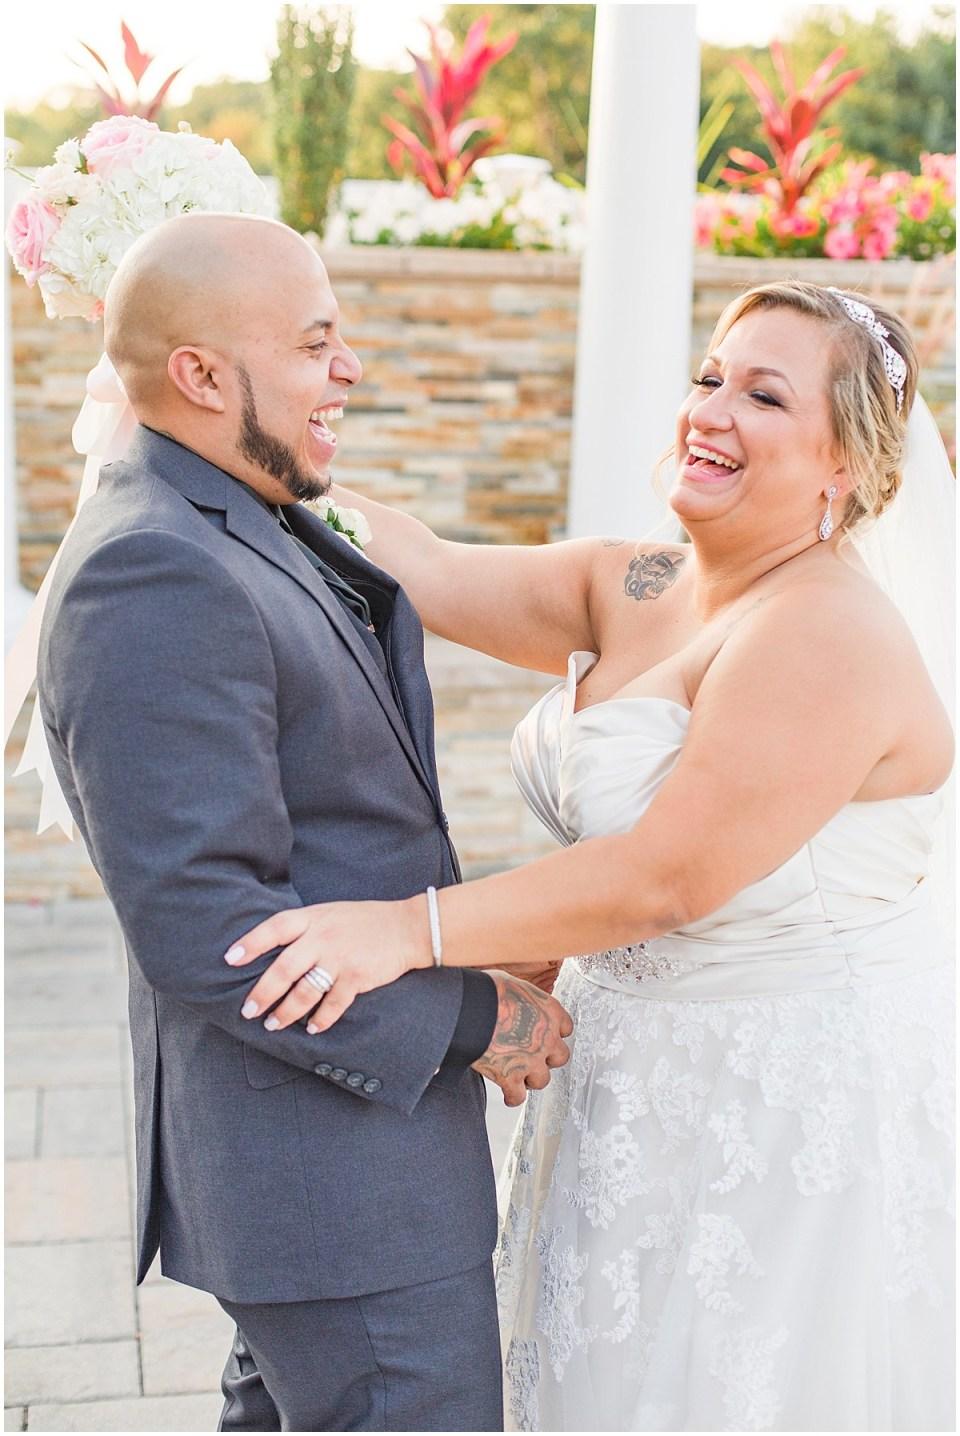 Pedro & Maggie's Star Wars Themed Wedding at La Bella Vista in Waterbury, CT Photos_0068.jpg